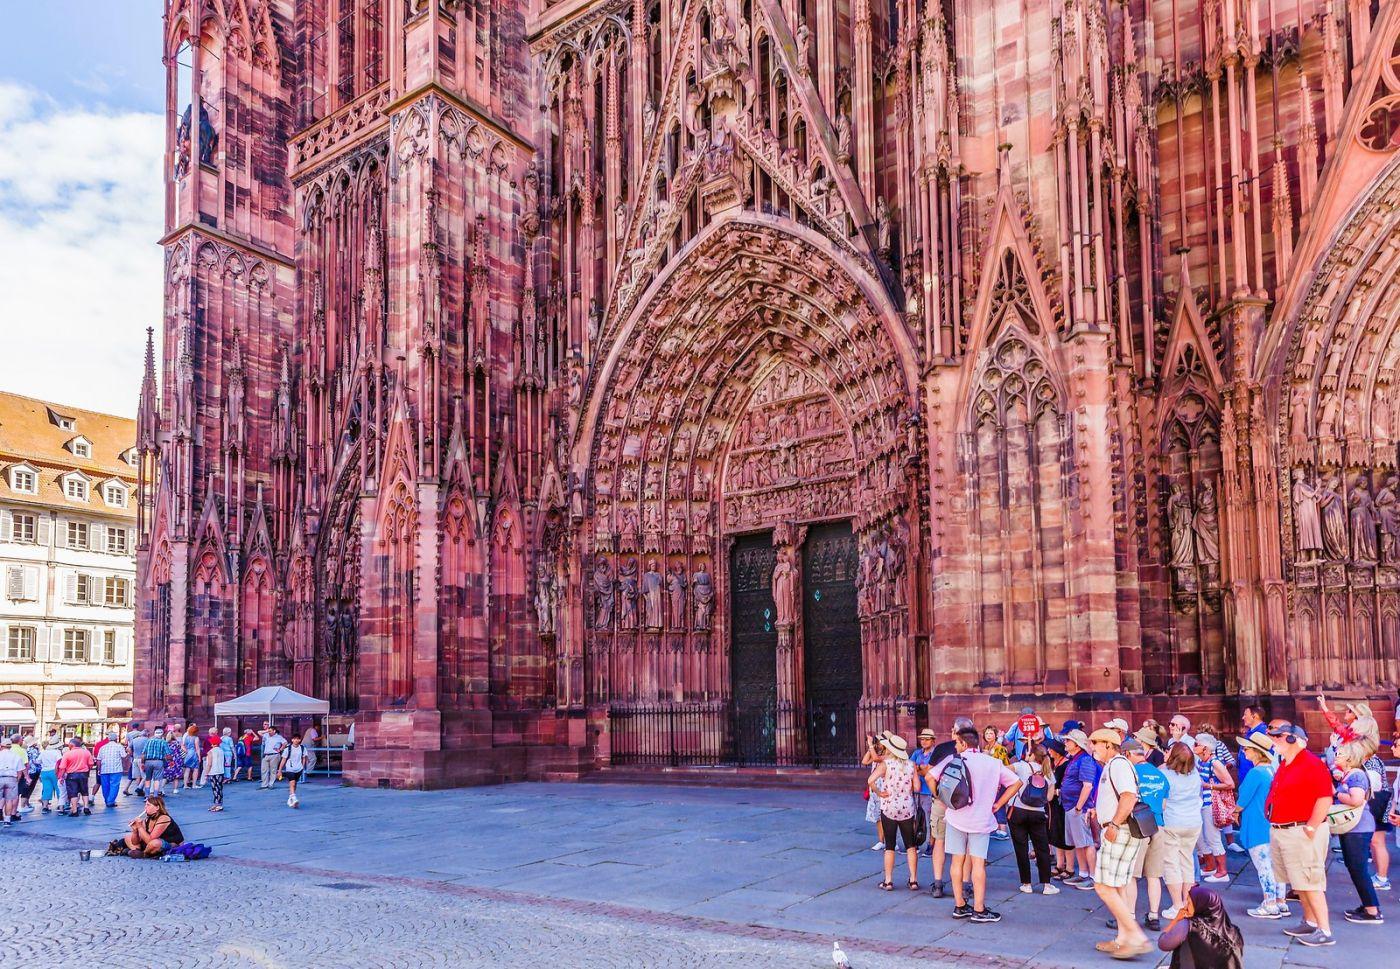 法国斯特拉斯堡(Strasbourg),八百年的主教堂_图1-27